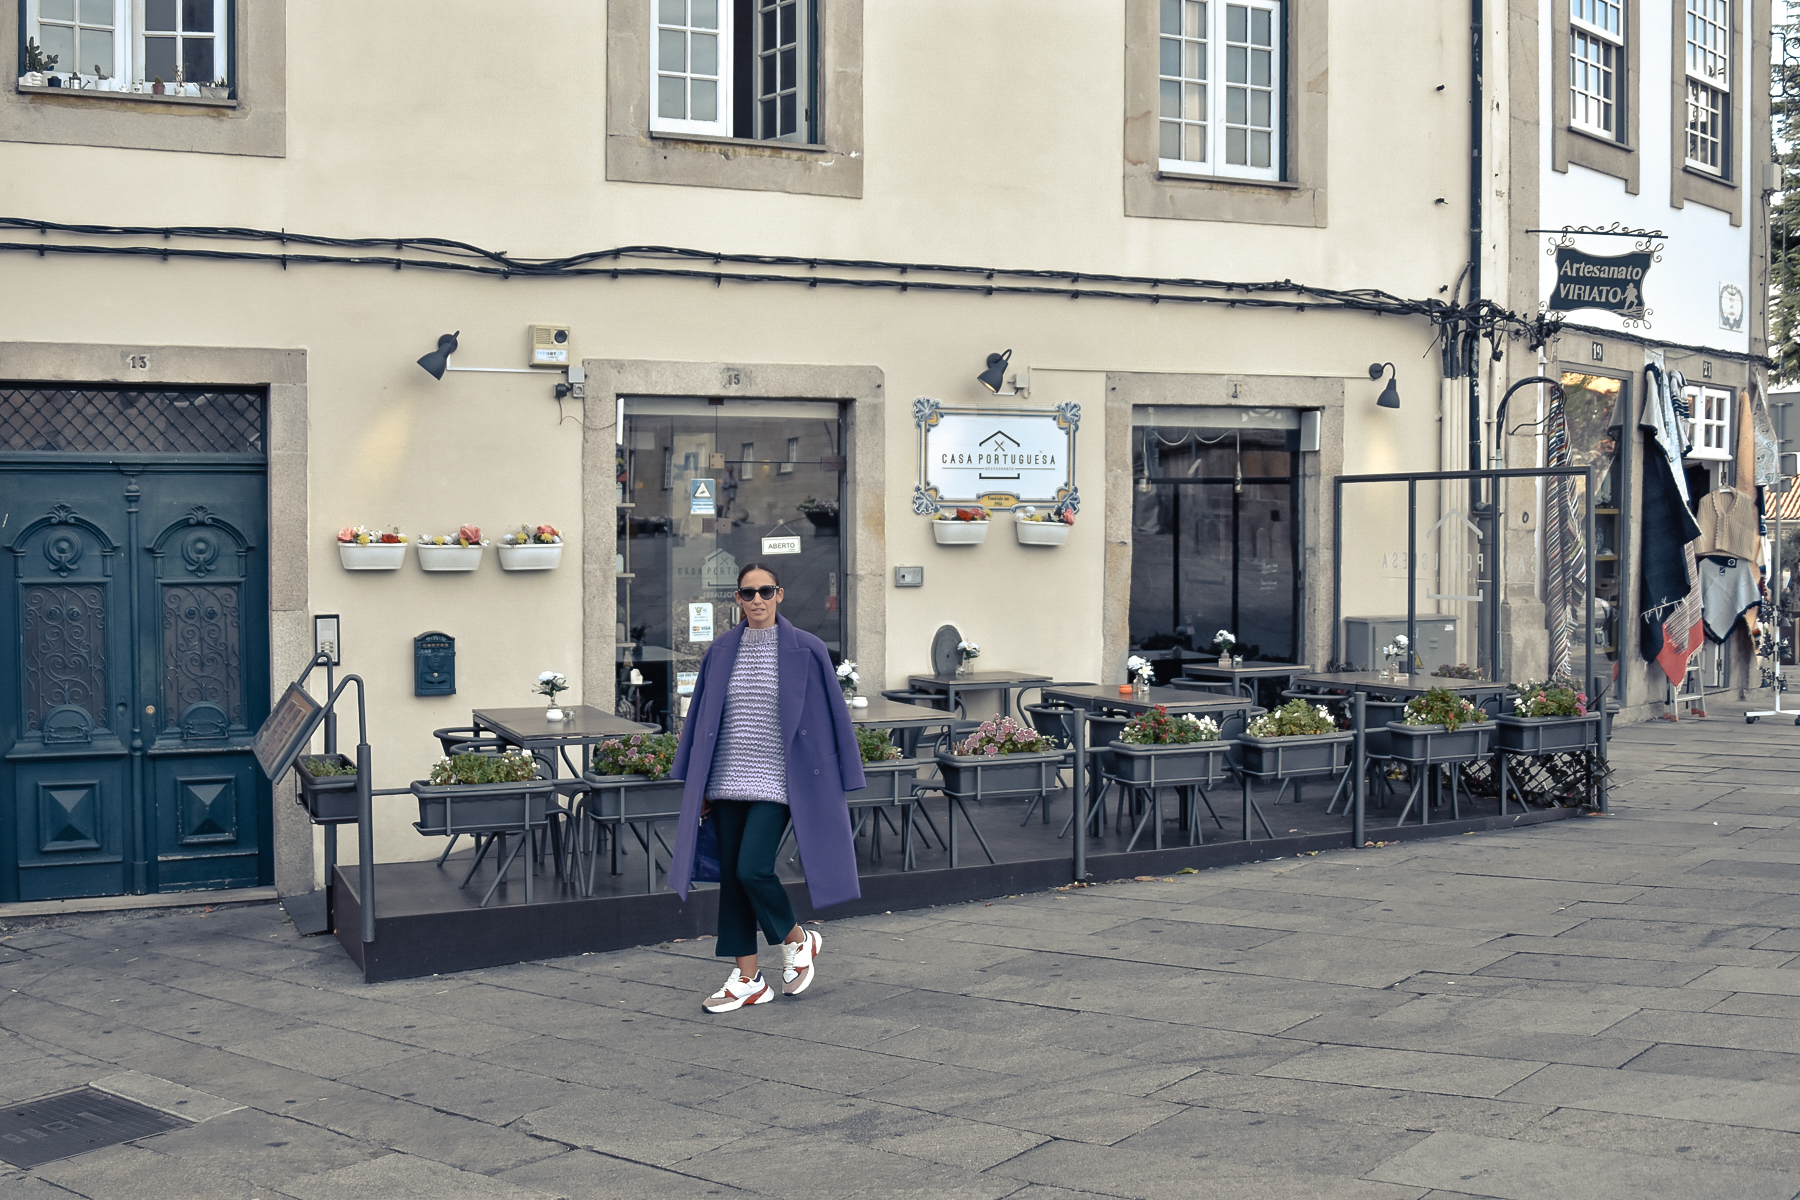 el-blog-de-silvia-Street-style-look-morado(5)